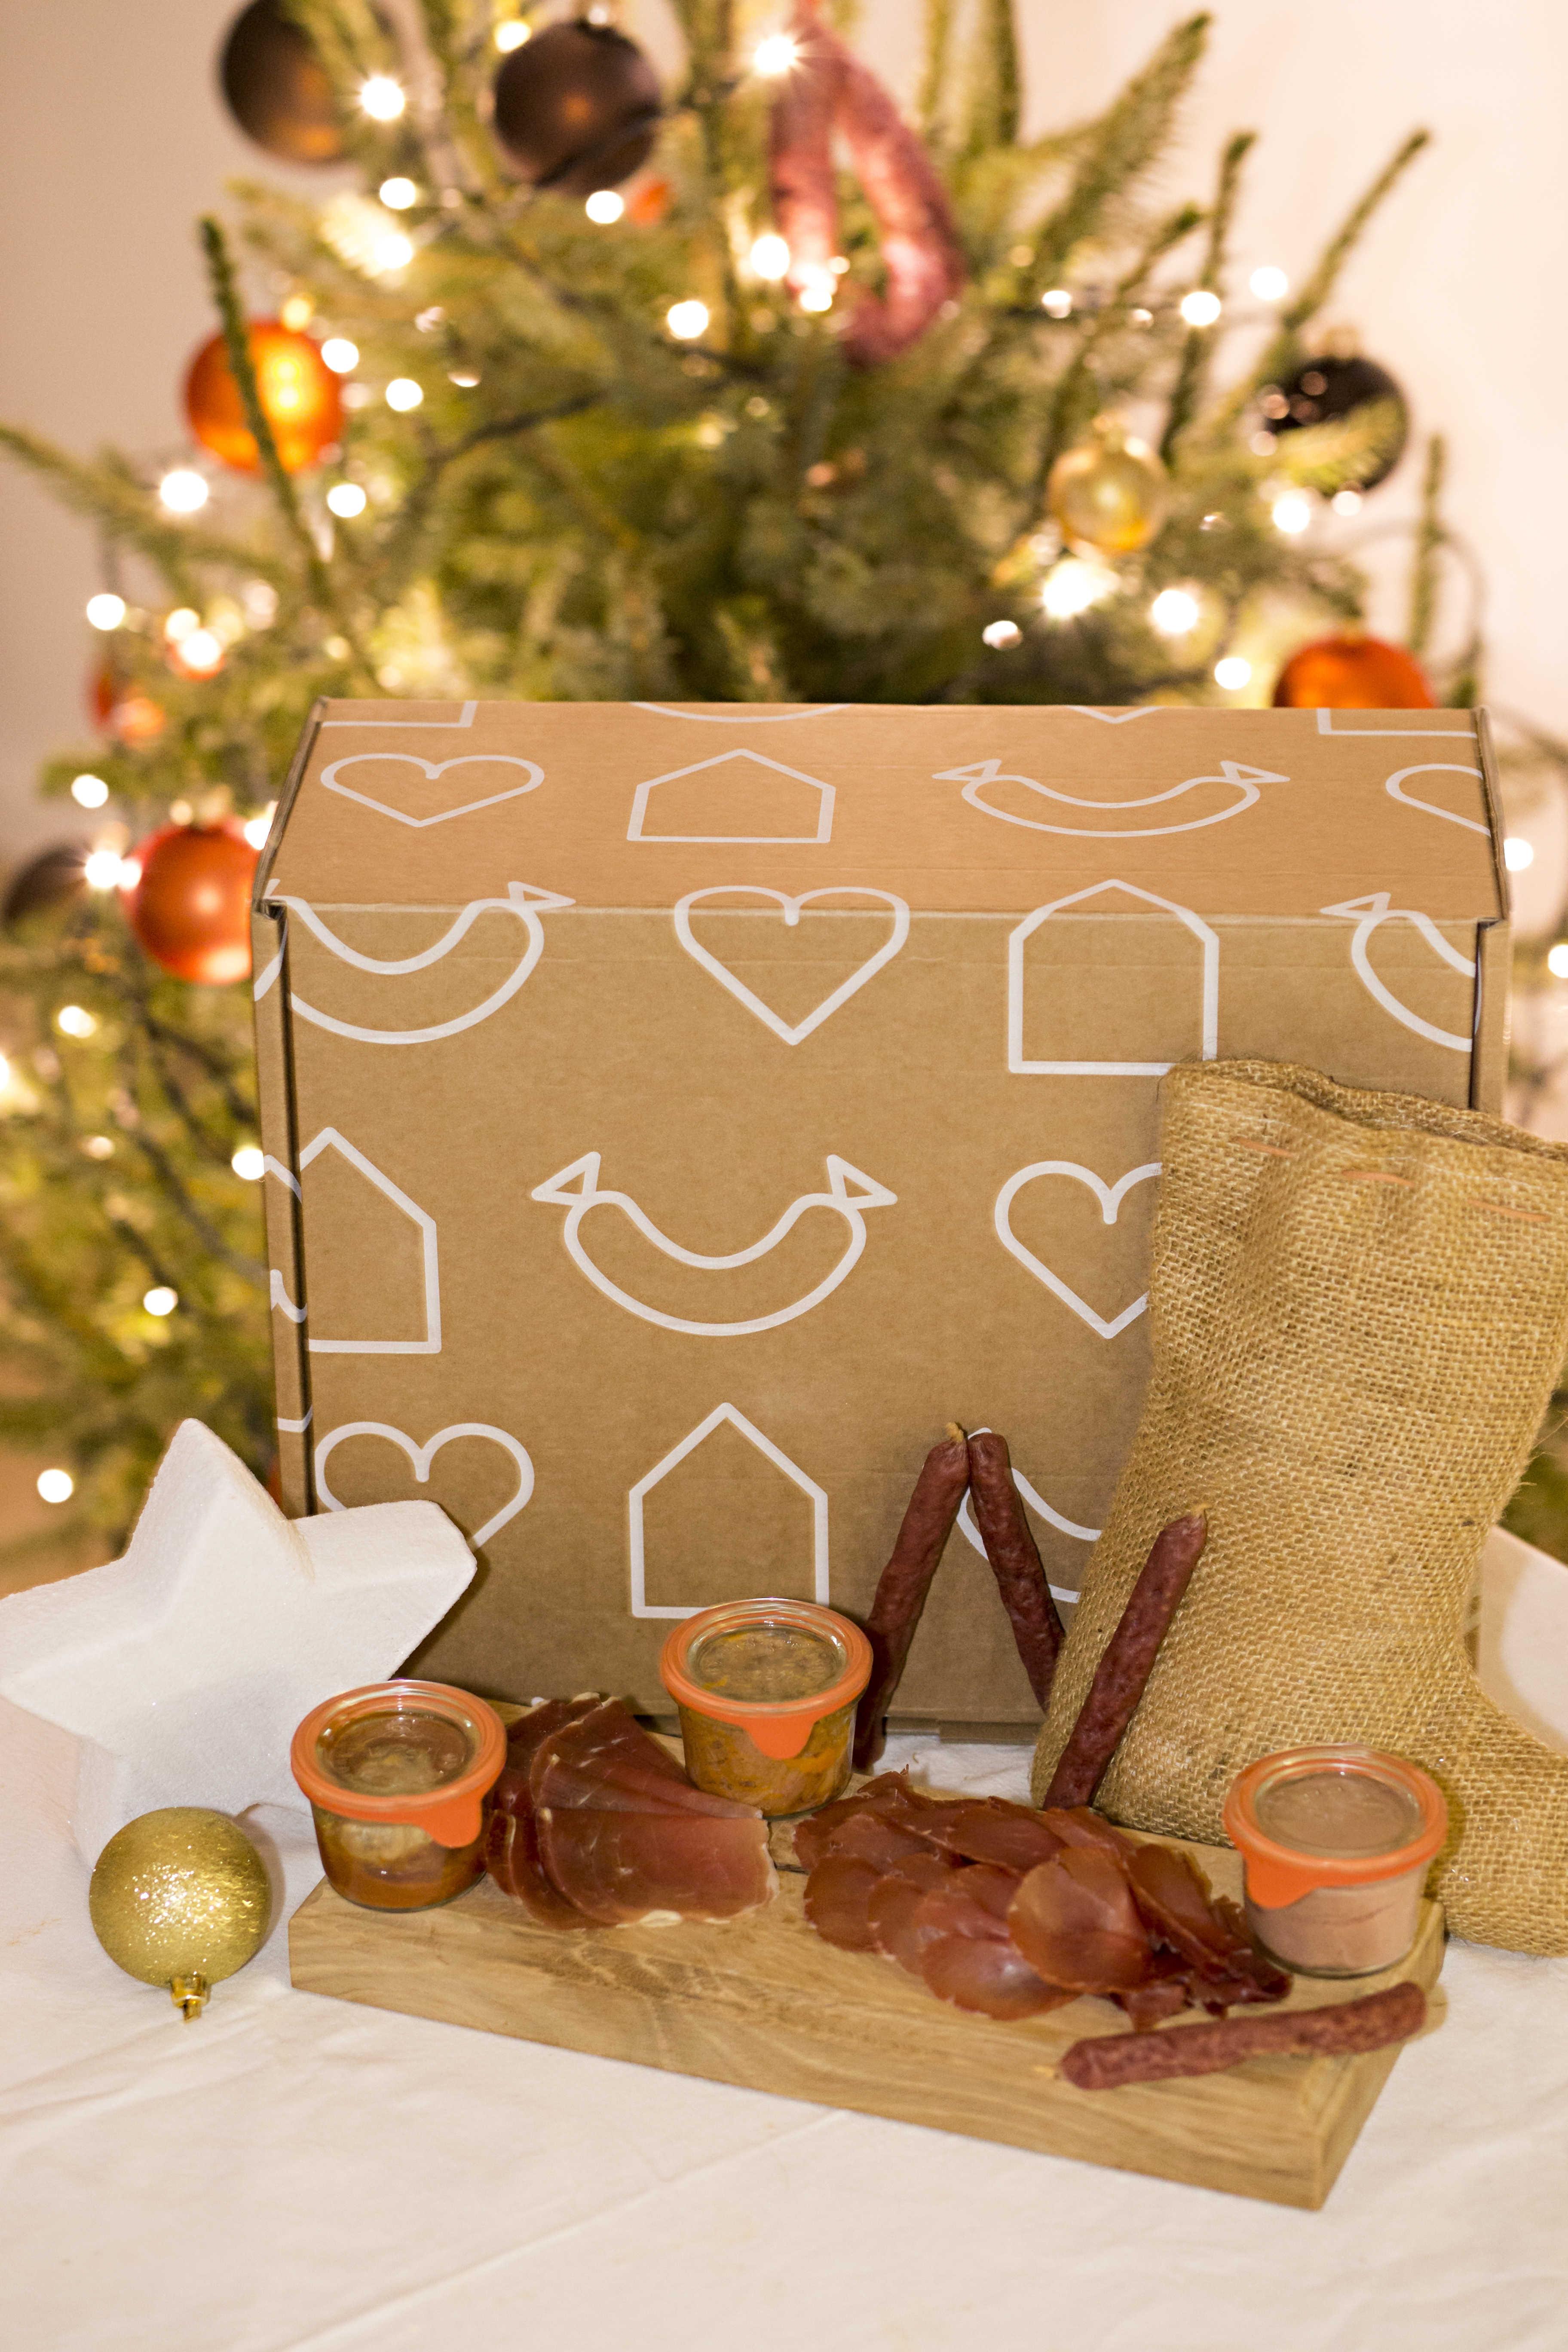 Geschenke An Mitarbeiter Steuerfrei 2016  Geschenke Fr Mitarbeiter Weihnachten Good Geschenke